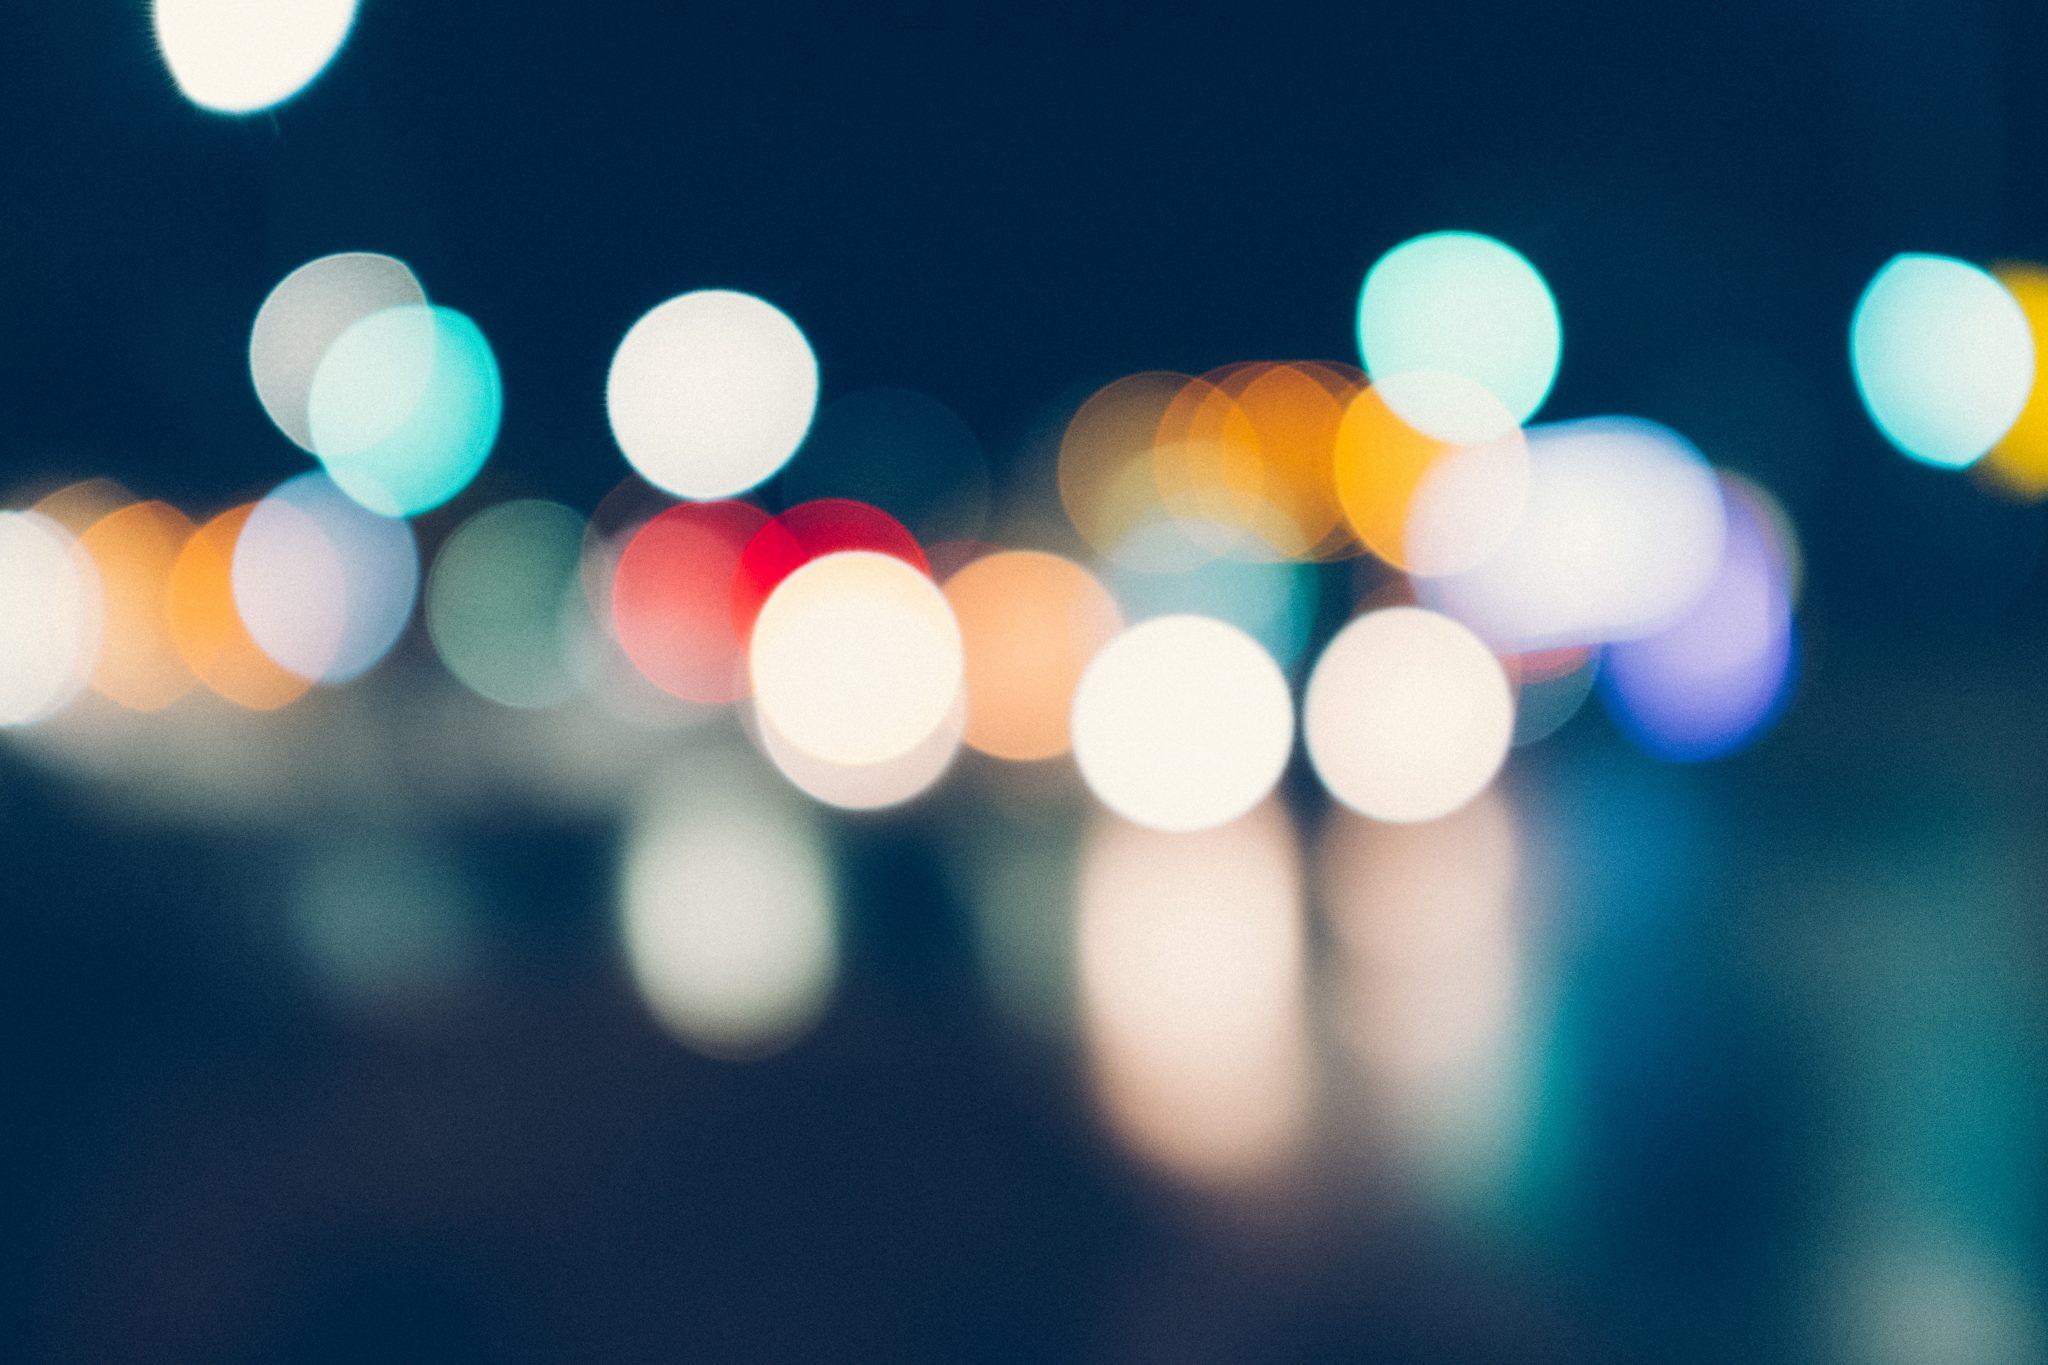 unfocused lights